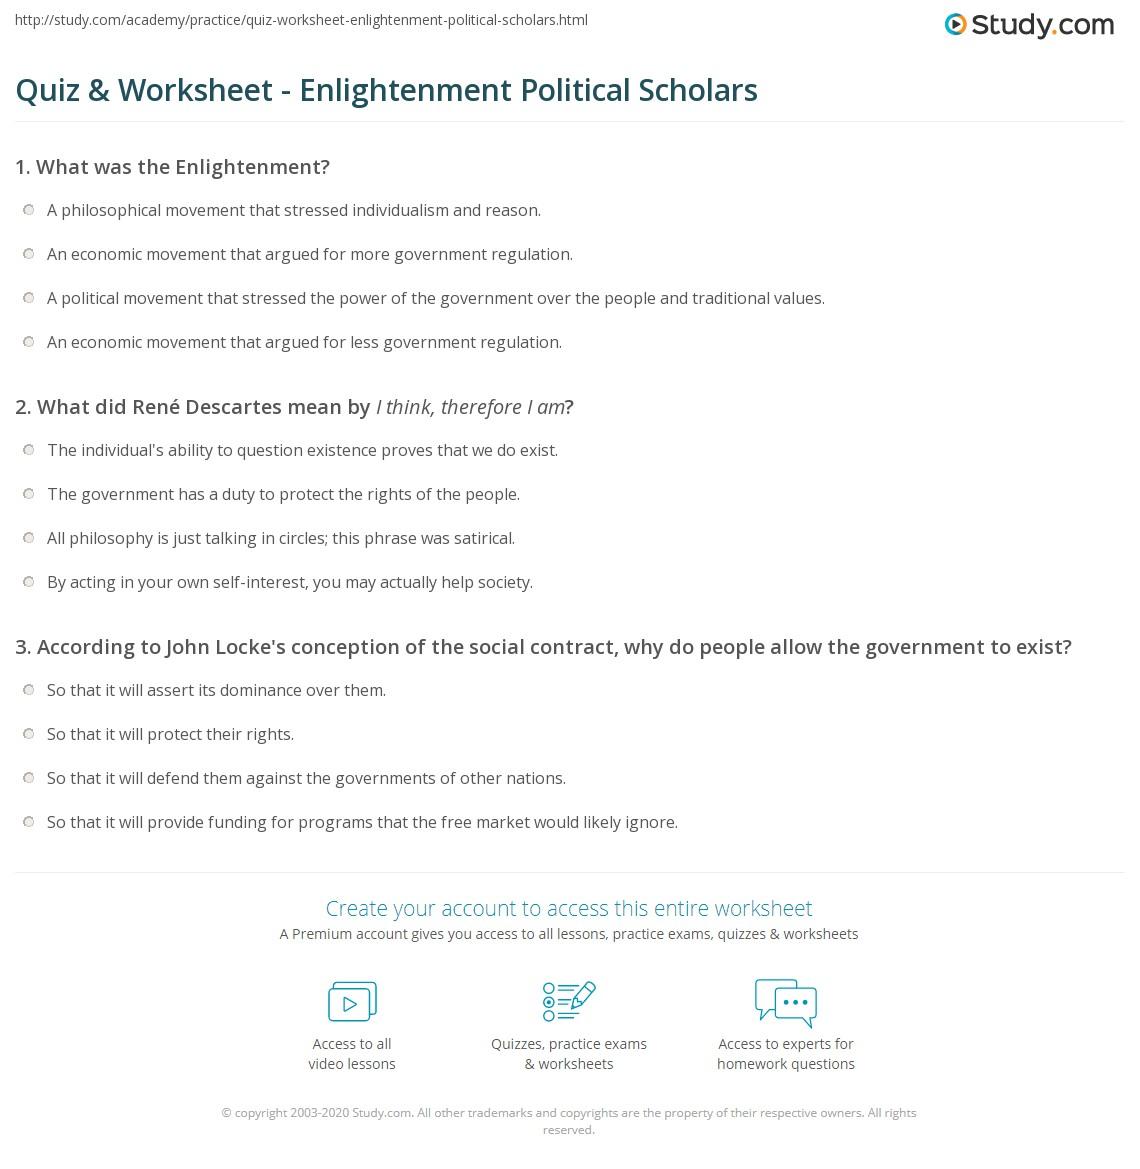 quiz worksheet enlightenment political scholars. Black Bedroom Furniture Sets. Home Design Ideas